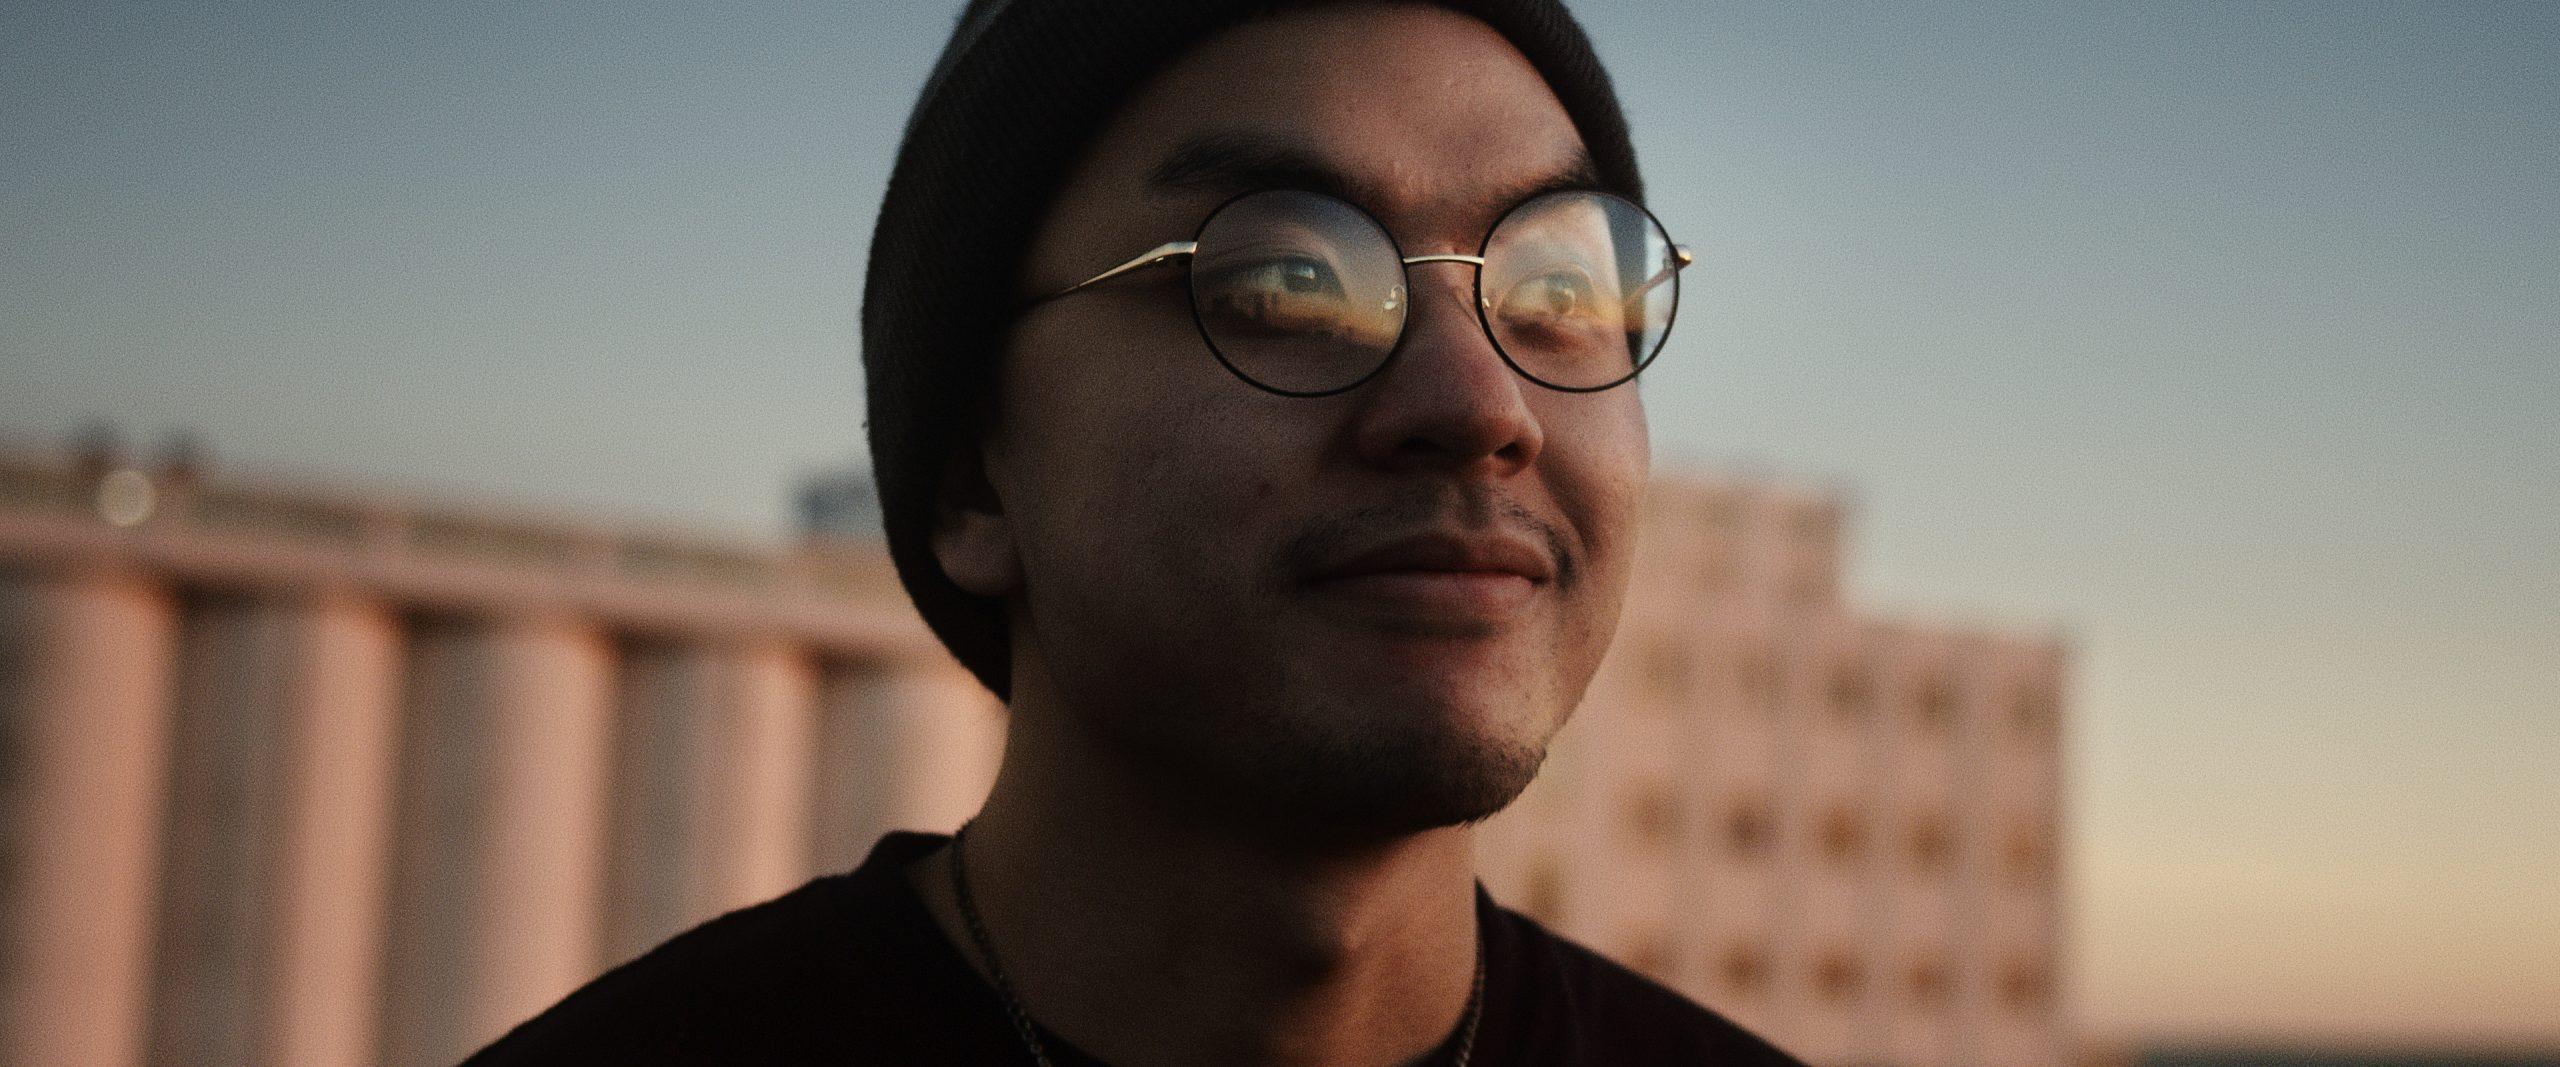 Phong's Story